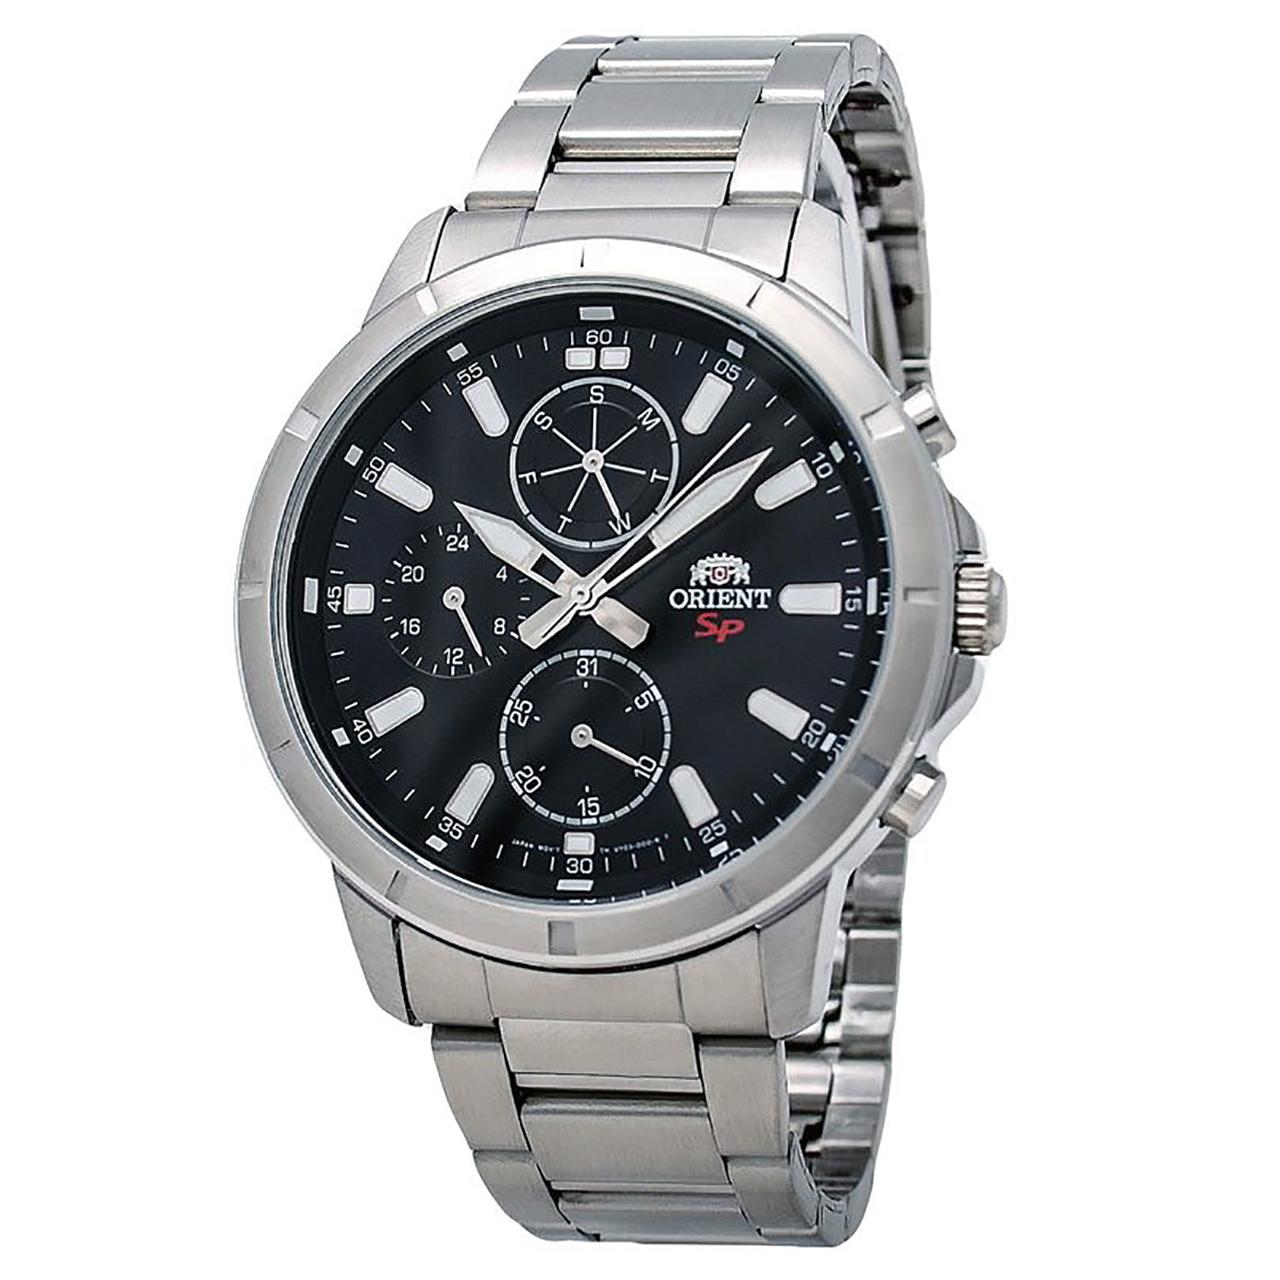 ساعت مچی عقربه ای مردانه  اورینت مدل SUY03001B0